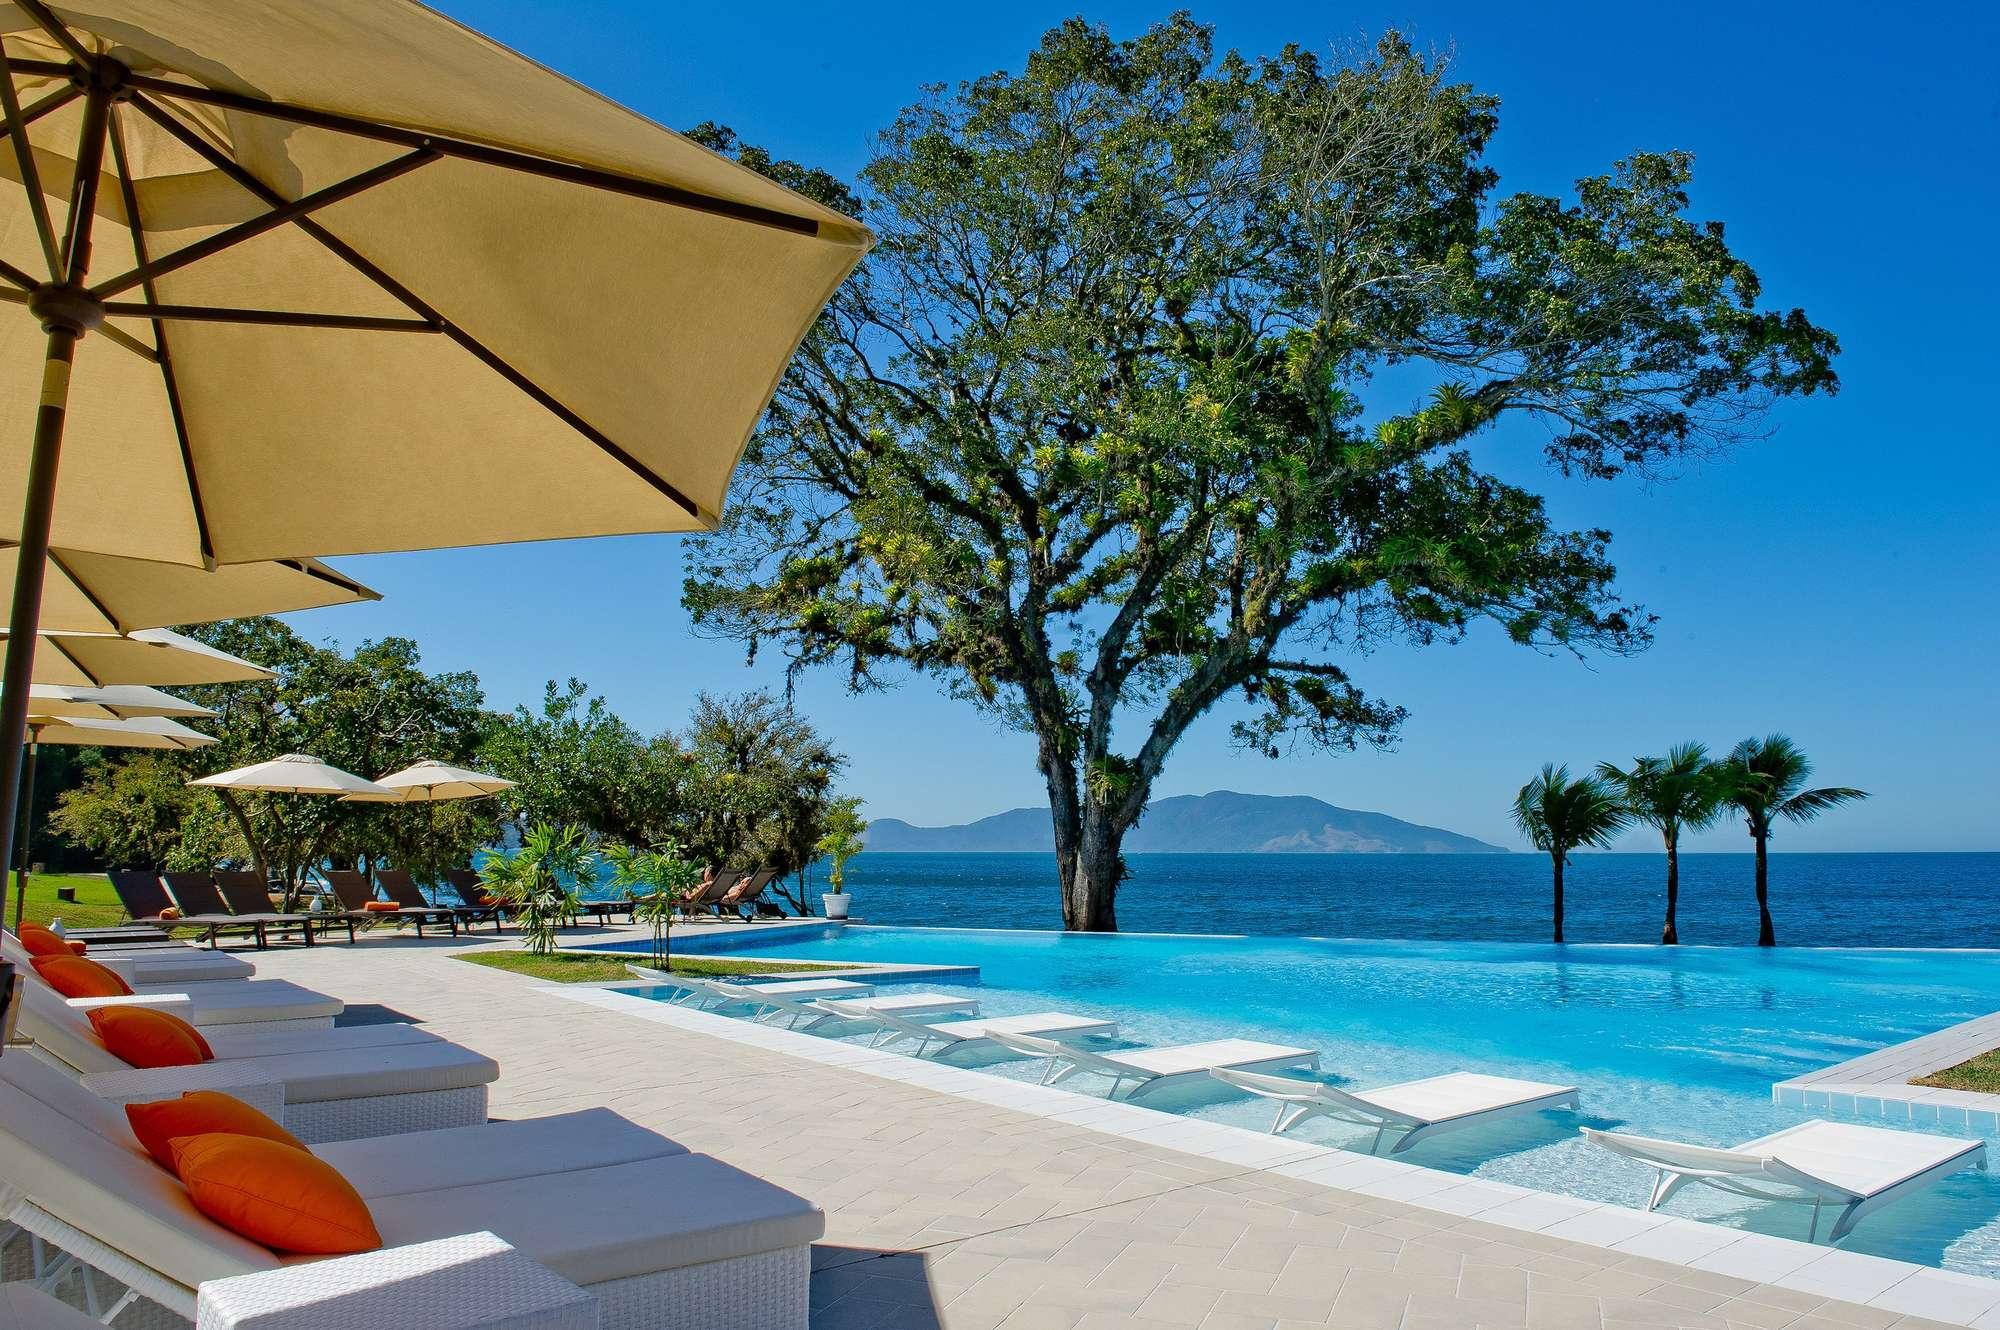 Piscina com borda infinita e mar ao fundo, essa é a vista de um dos melhores resorts all inclusive do Brasil, o Club Med Rio das Pedras